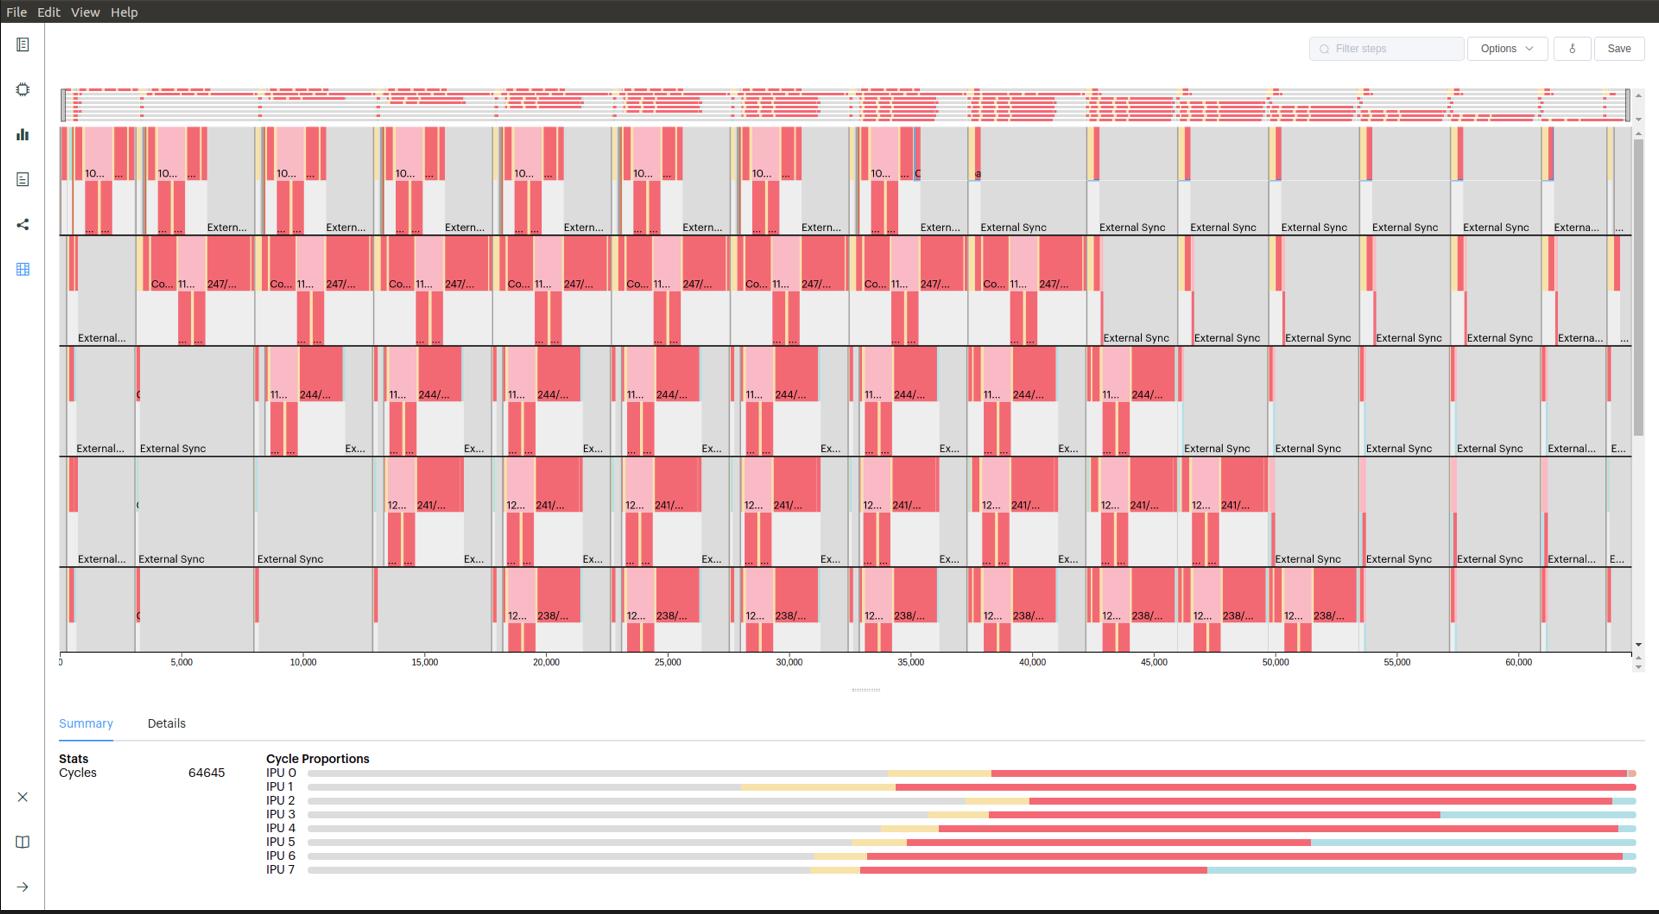 https://www.graphcore.ai/hubfs/public_docs/_images/profiler_output_popvision.png